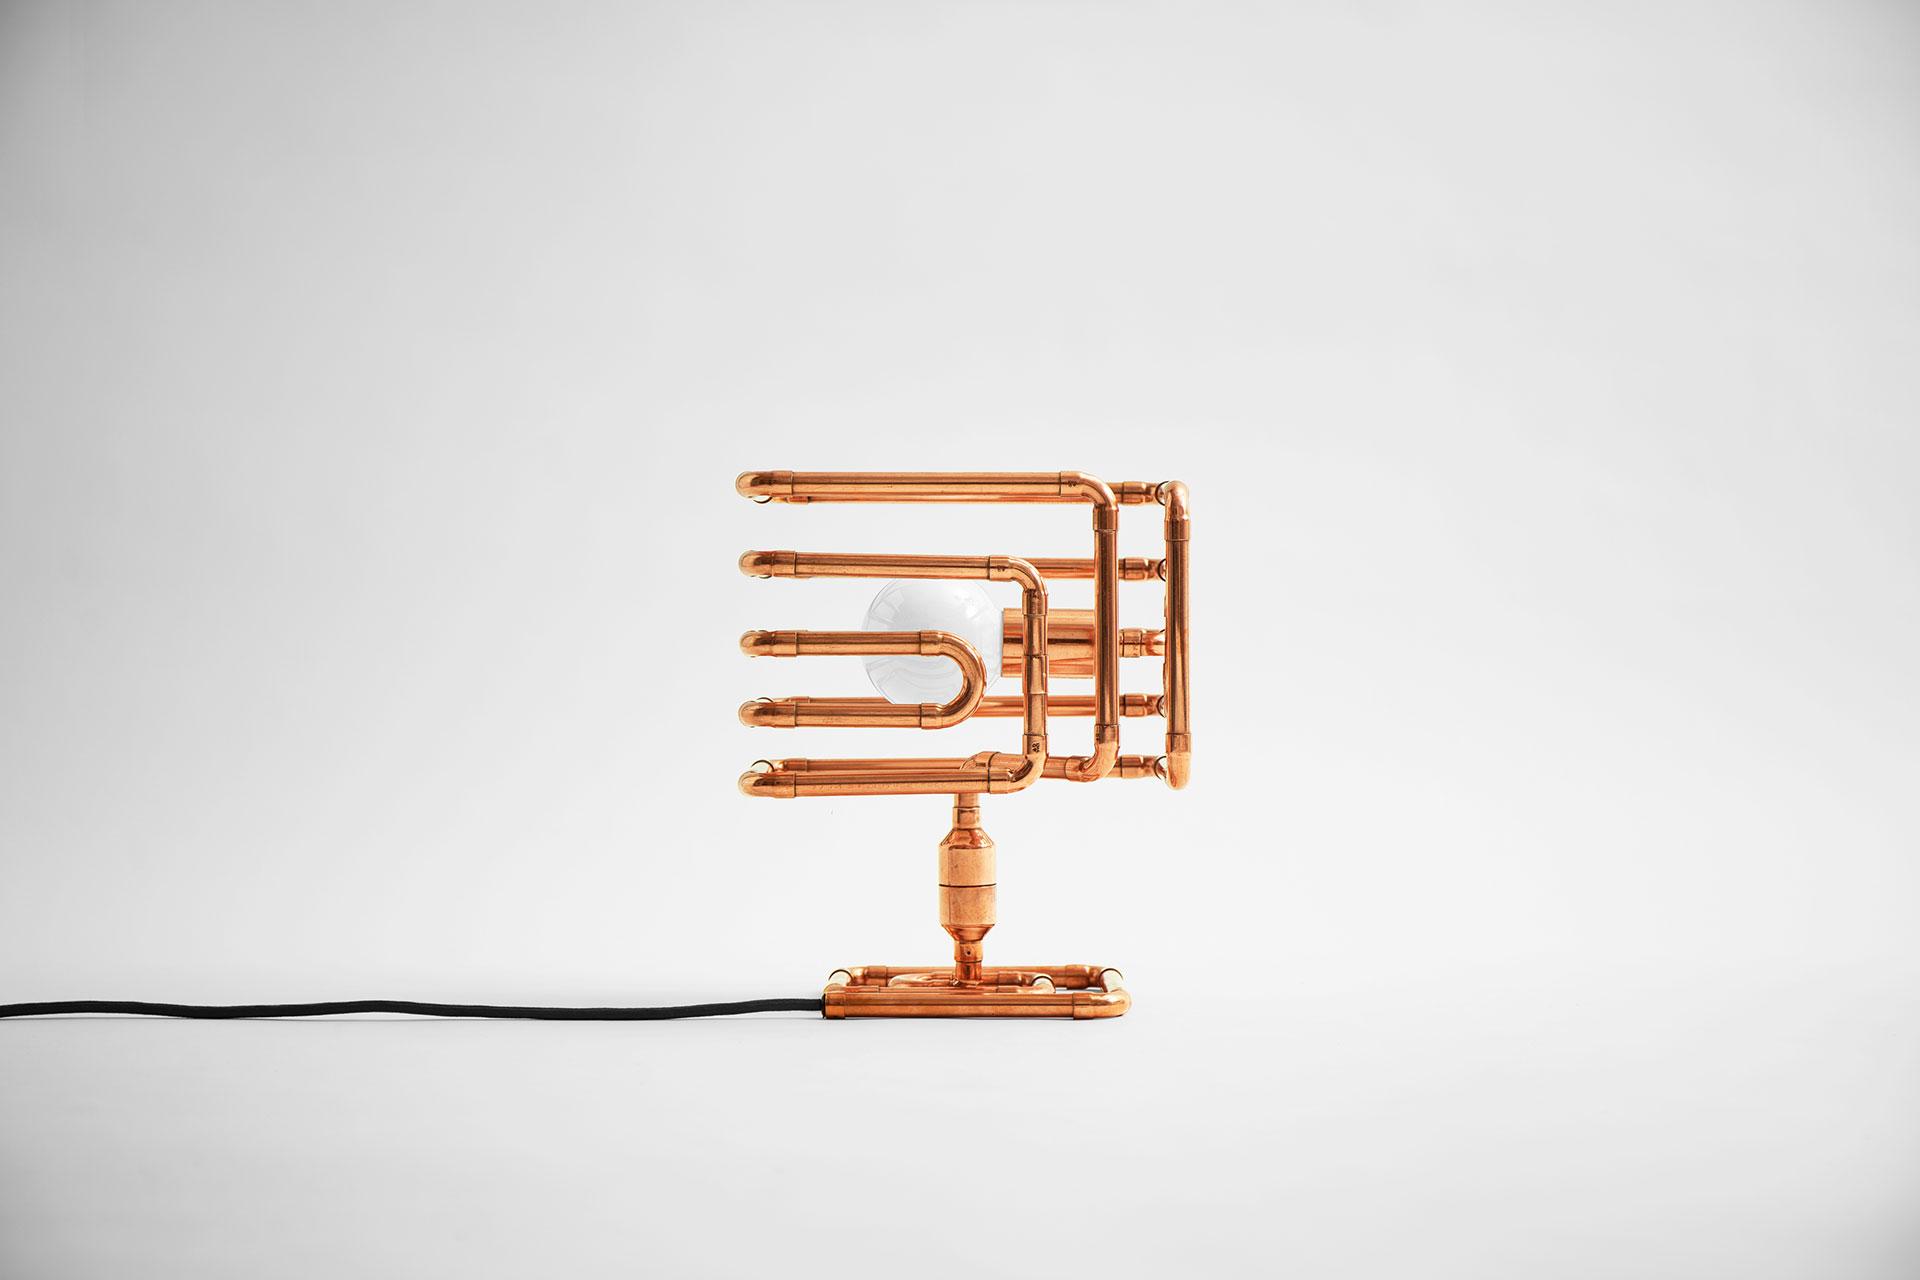 Cool desk lamp in trendy copper metal finish inspired by retro futuristic design